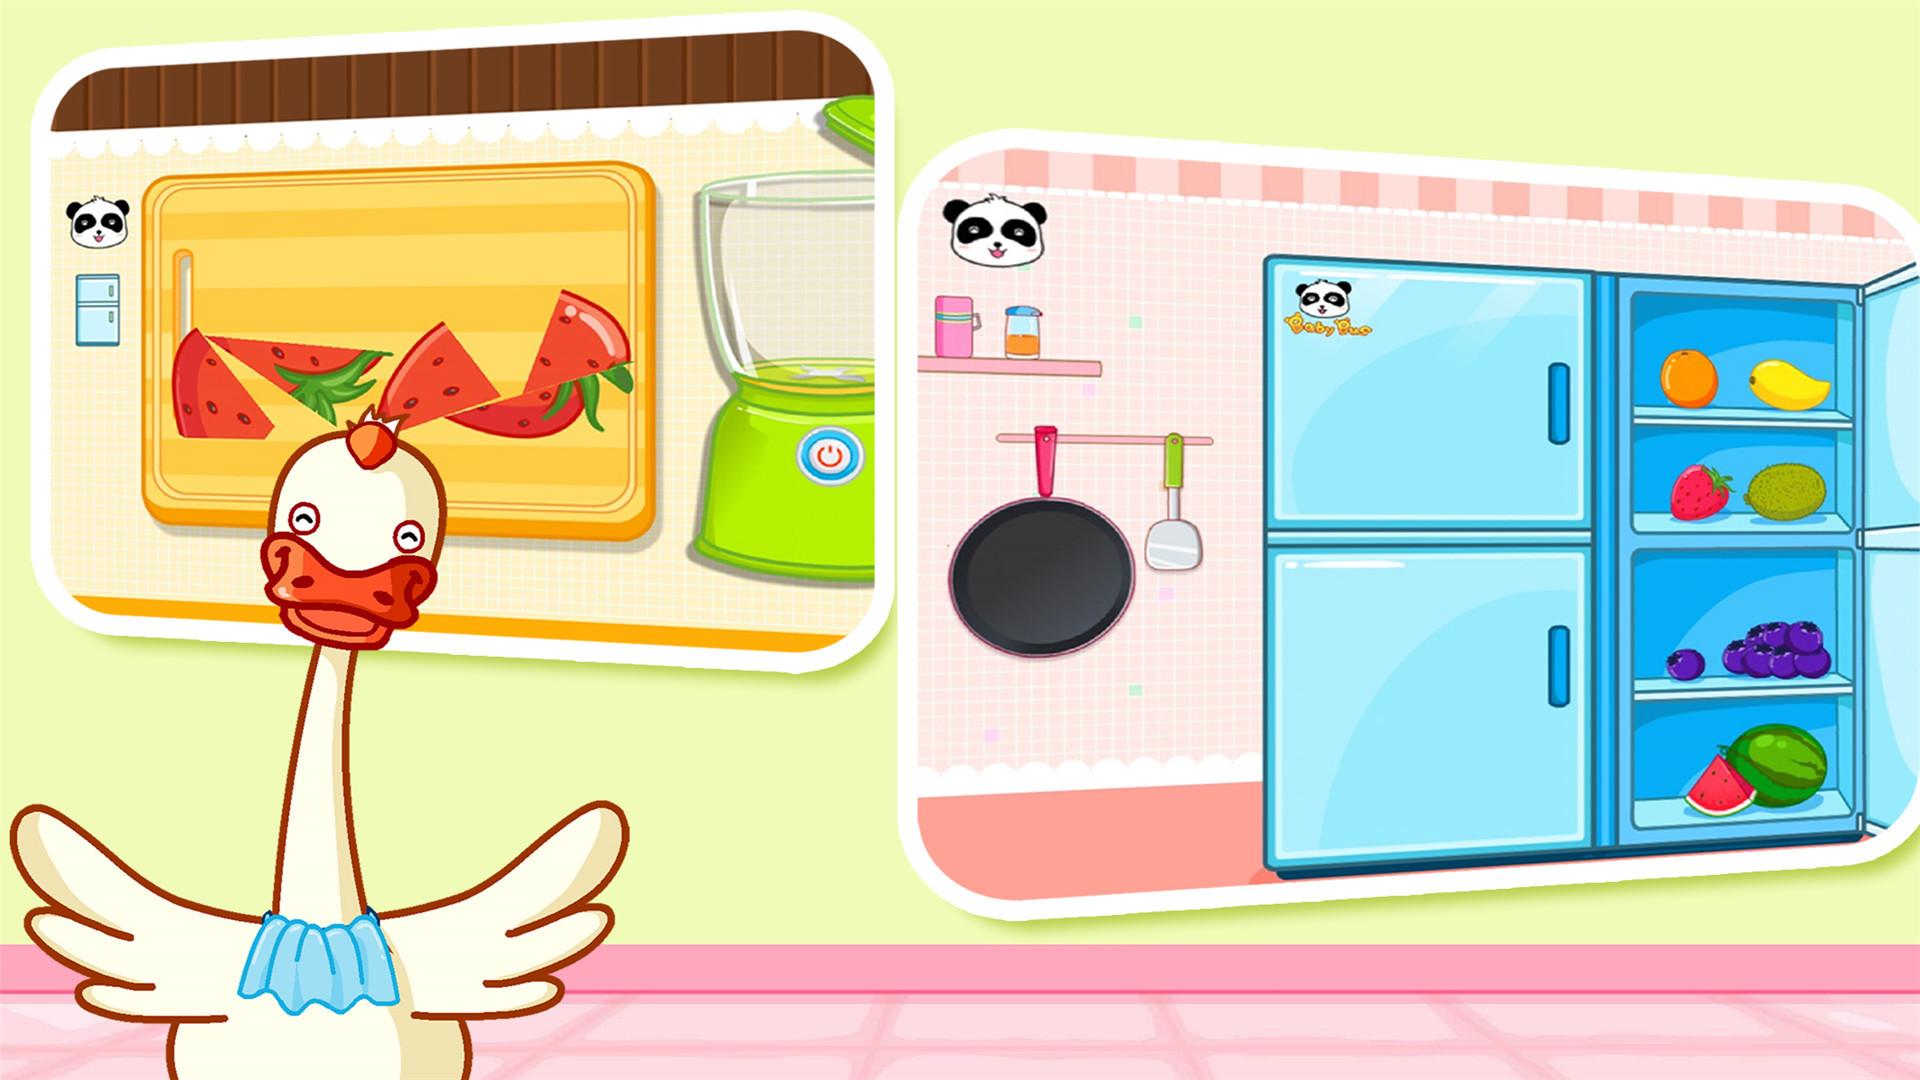 【宝宝小厨房】帮宝宝实现变身厨房达人的梦想! 随意切割你喜欢的食材,炒一碗喷香的菜肴,或者榨一杯你喜欢的果汁,打造专属的儿童食谱吧!~ 逼真的画面和音效,带给宝宝新奇有趣的体验,开拓宝宝创造性思维! 宝宝巴士以孩子的兴趣启蒙为出发点,从健康、语言、社会、科学、艺术五大领域关注幼儿成长,吸取蒙氏教育精髓,根据幼儿不同年龄段左右脑发育、敏感期特点和学习重点来设计产品,打造年龄+能力的多元化产品体系。让孩子在游戏中独立思考,自由学习,享受探索世界的乐趣。 _________ 设计理念: 宝宝巴士(BabyBu